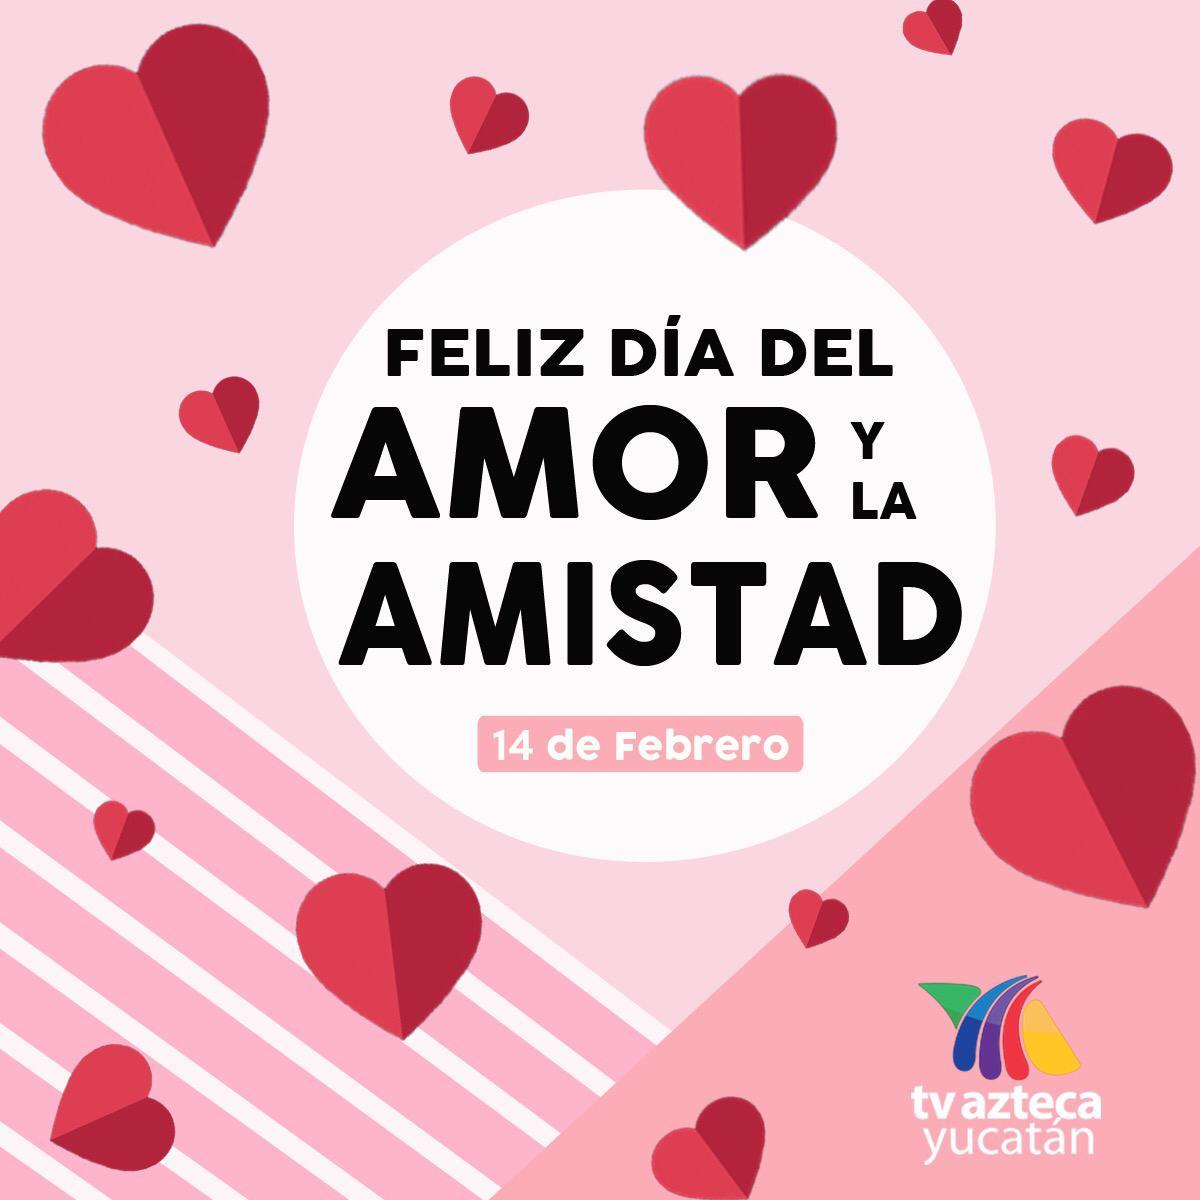 #ParaCompartir ¡Feliz día del amor y la amistad! ❤